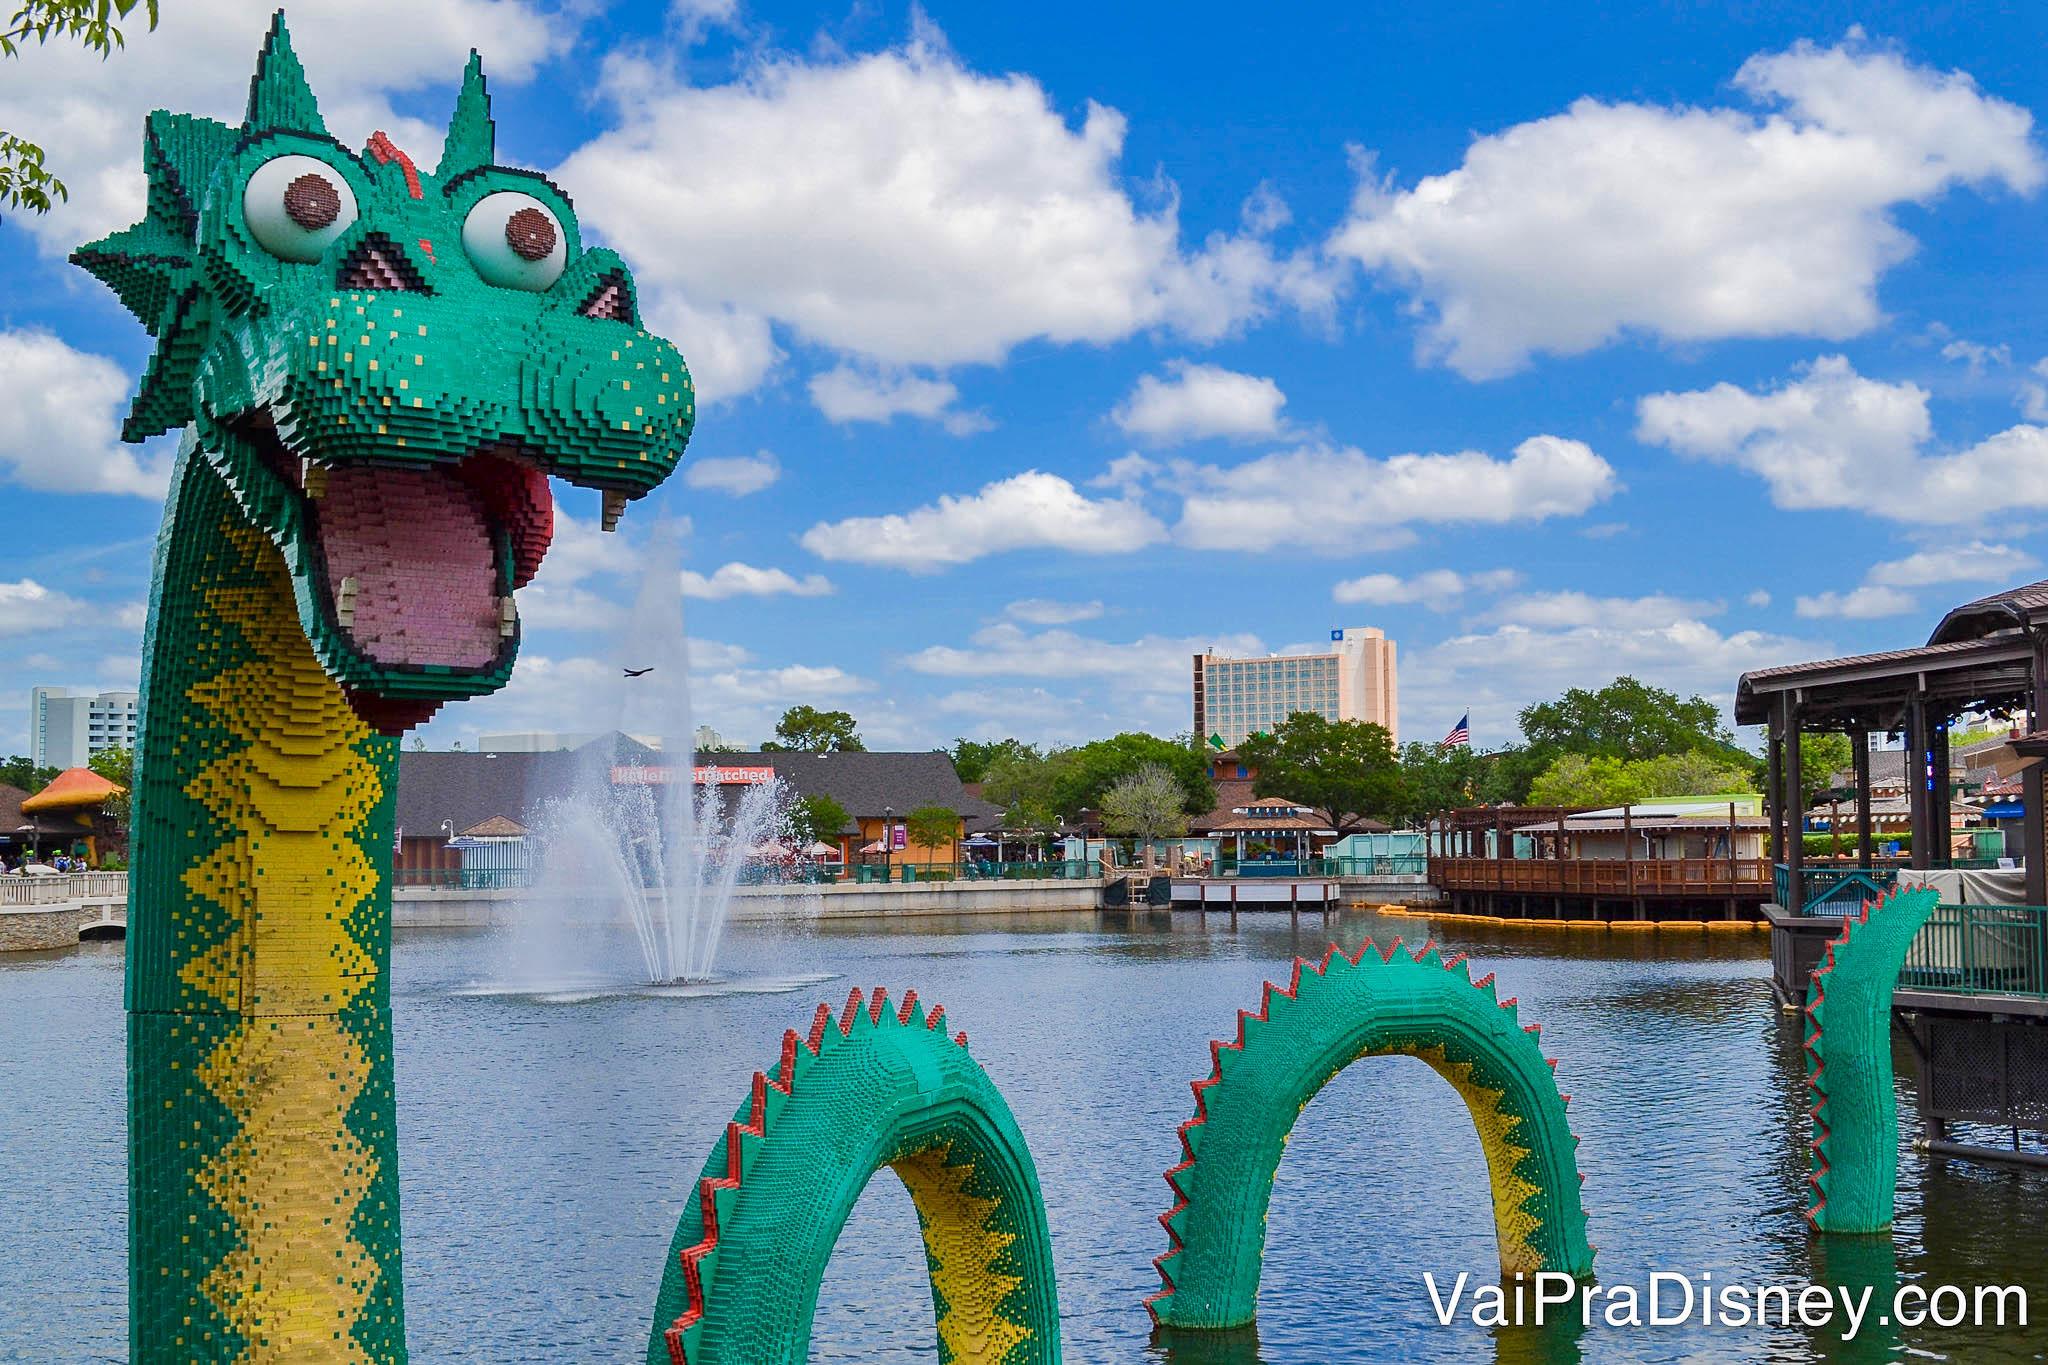 Imagem do dragão feito de Lego que fica no lago de Disney Springs, em frente à loja da Lego.